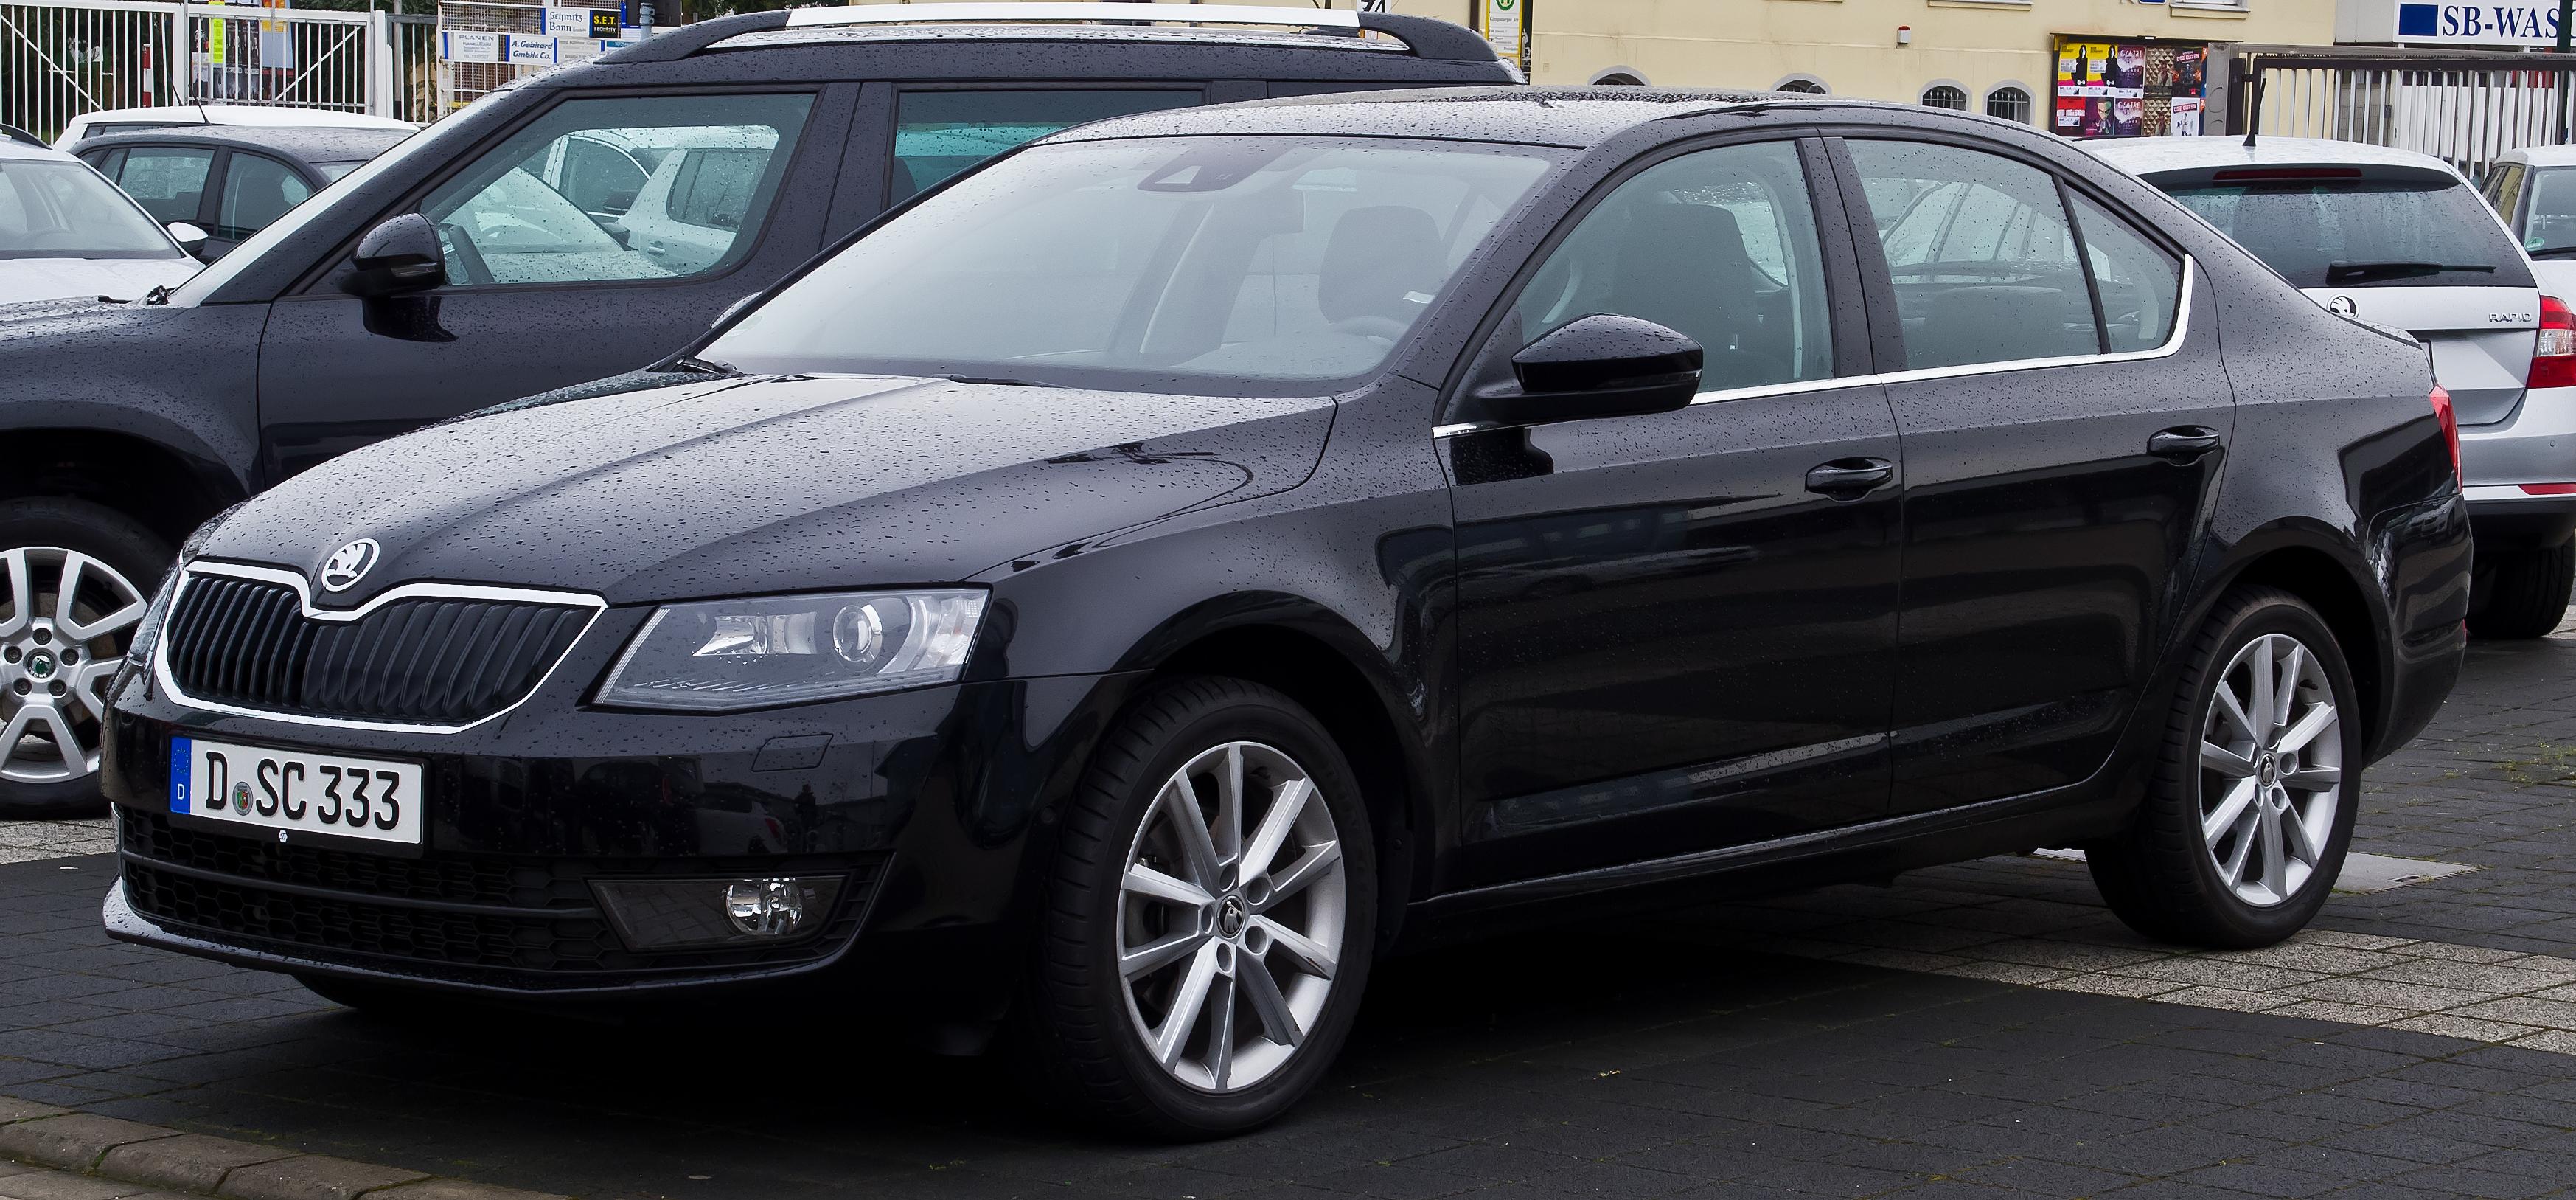 Audi rs3 2011 wikipedia 17